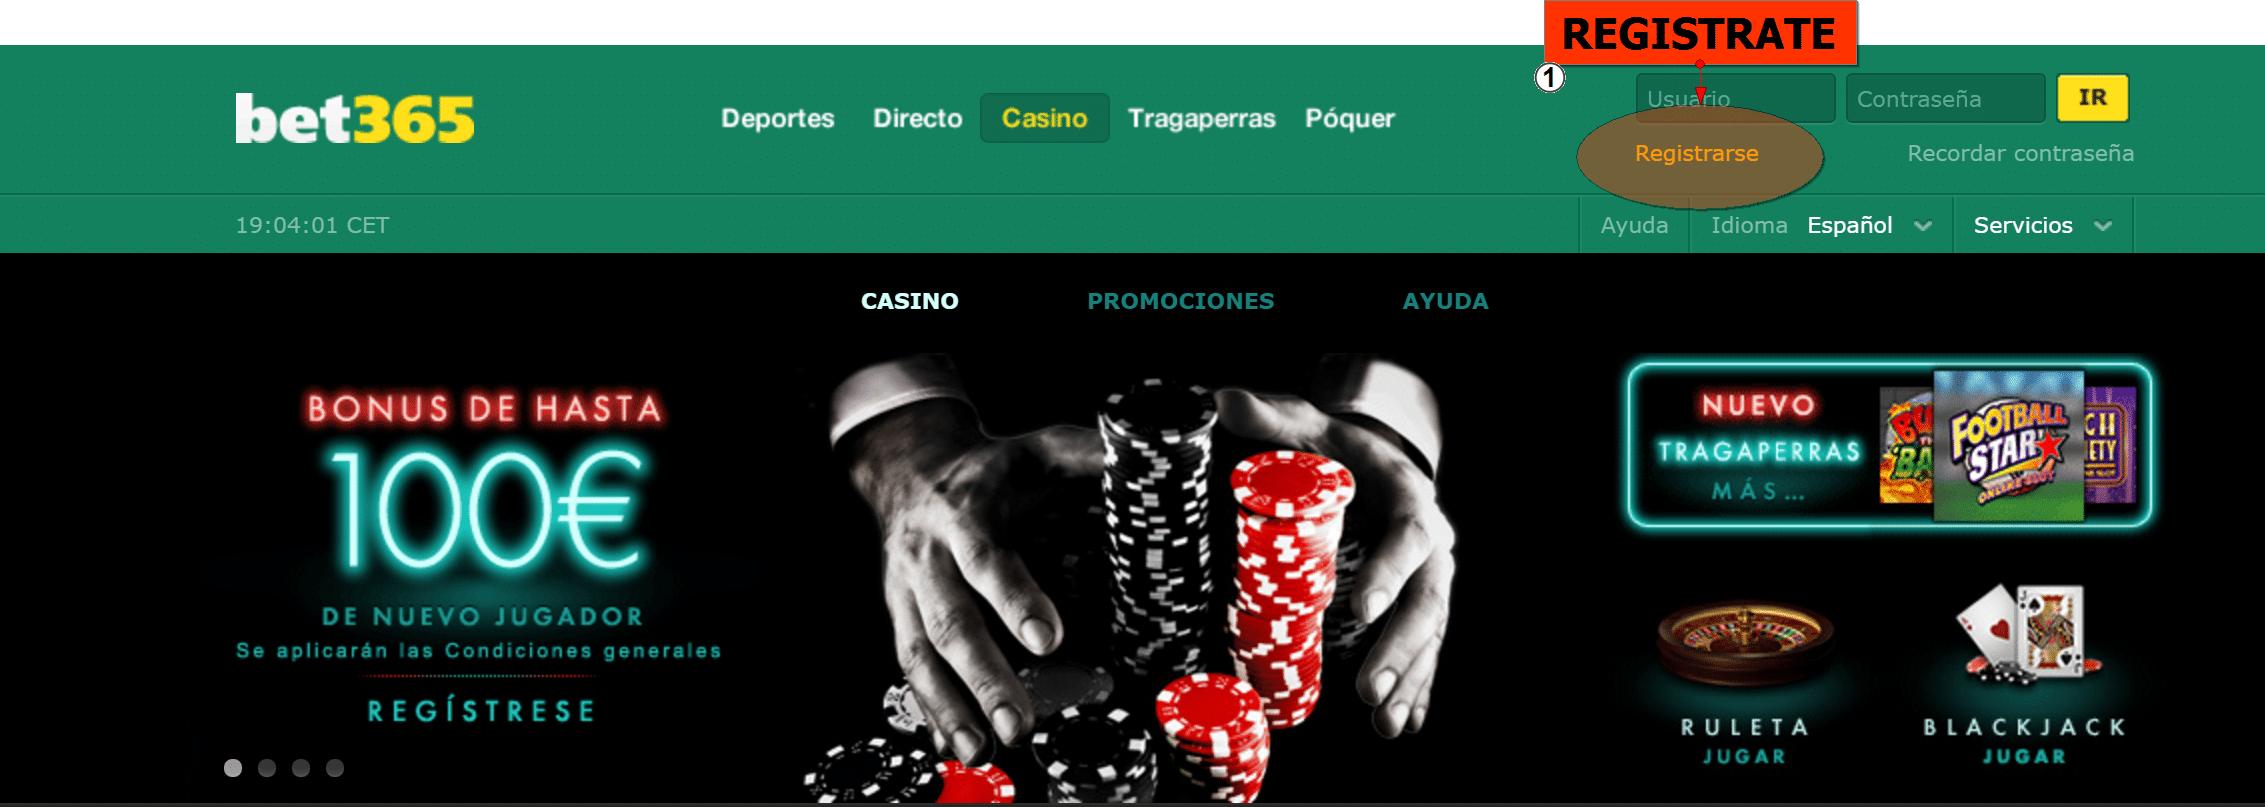 Bet365 gratis en bonos licencia para casino online 466094